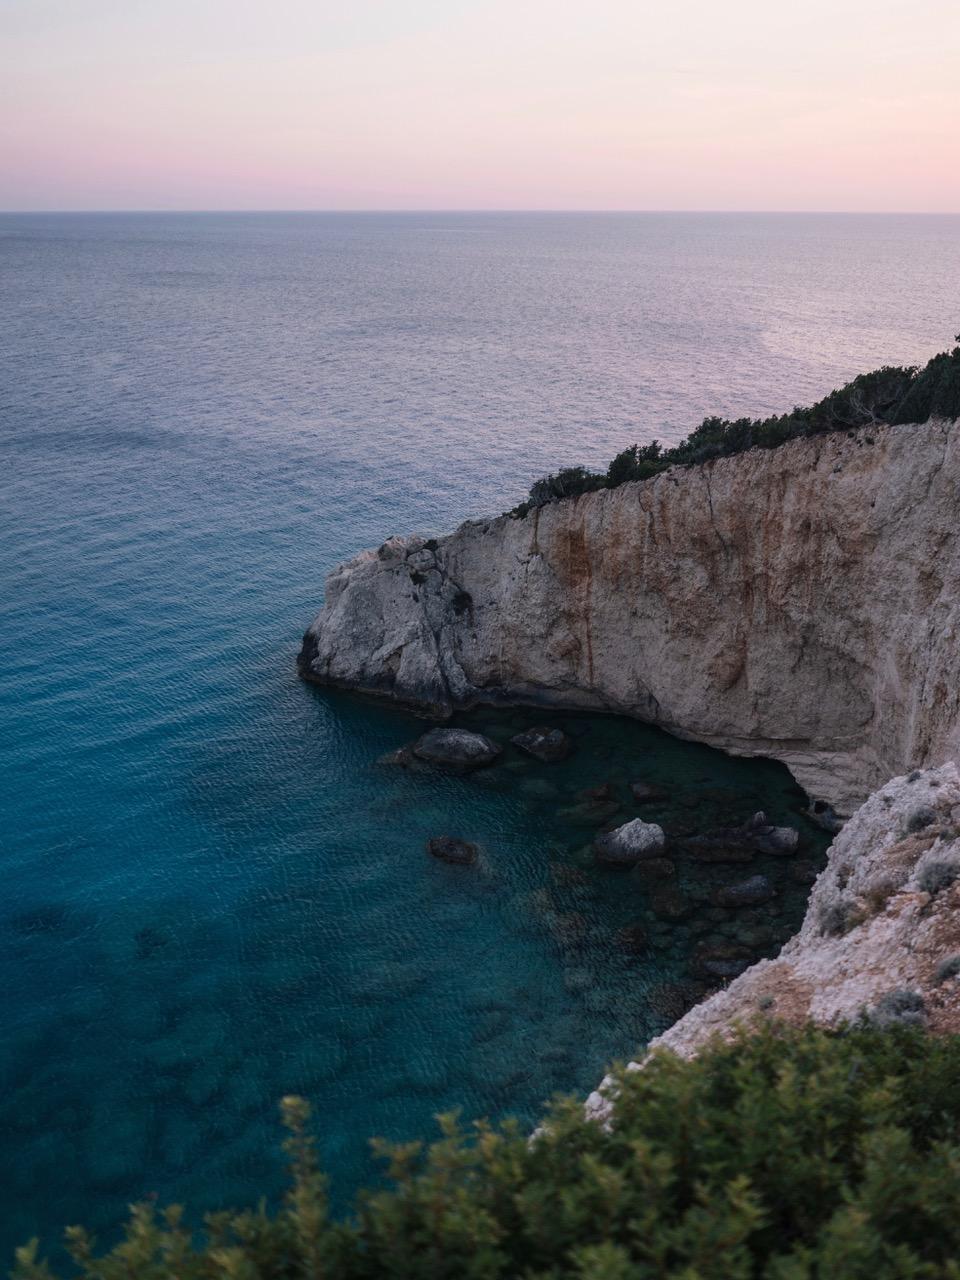 Laurens Bison 3 (Mediterranean Citizens Story).jpeg